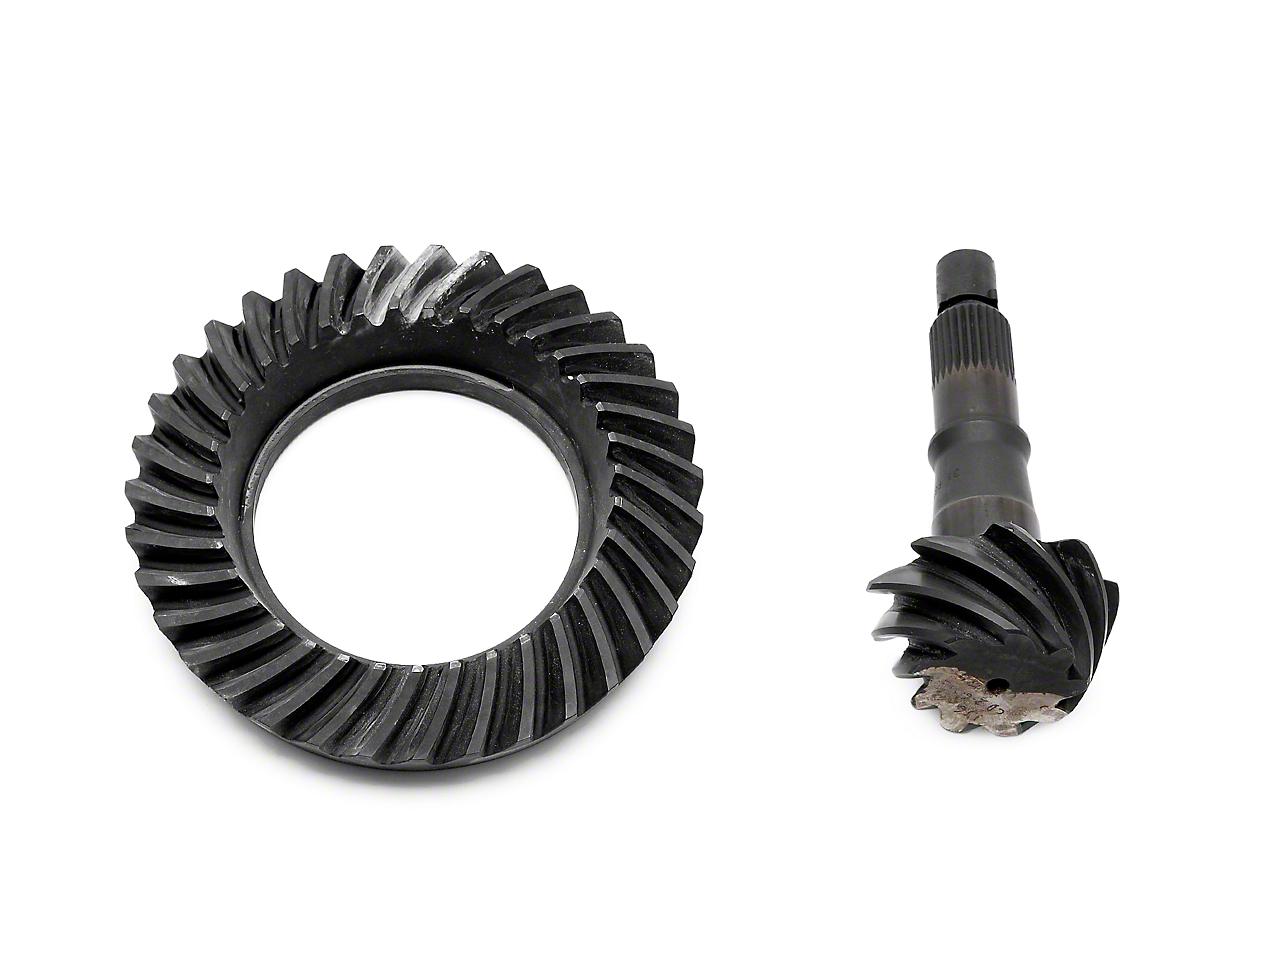 USA Standard 3.55 Gears (11-14 V6)